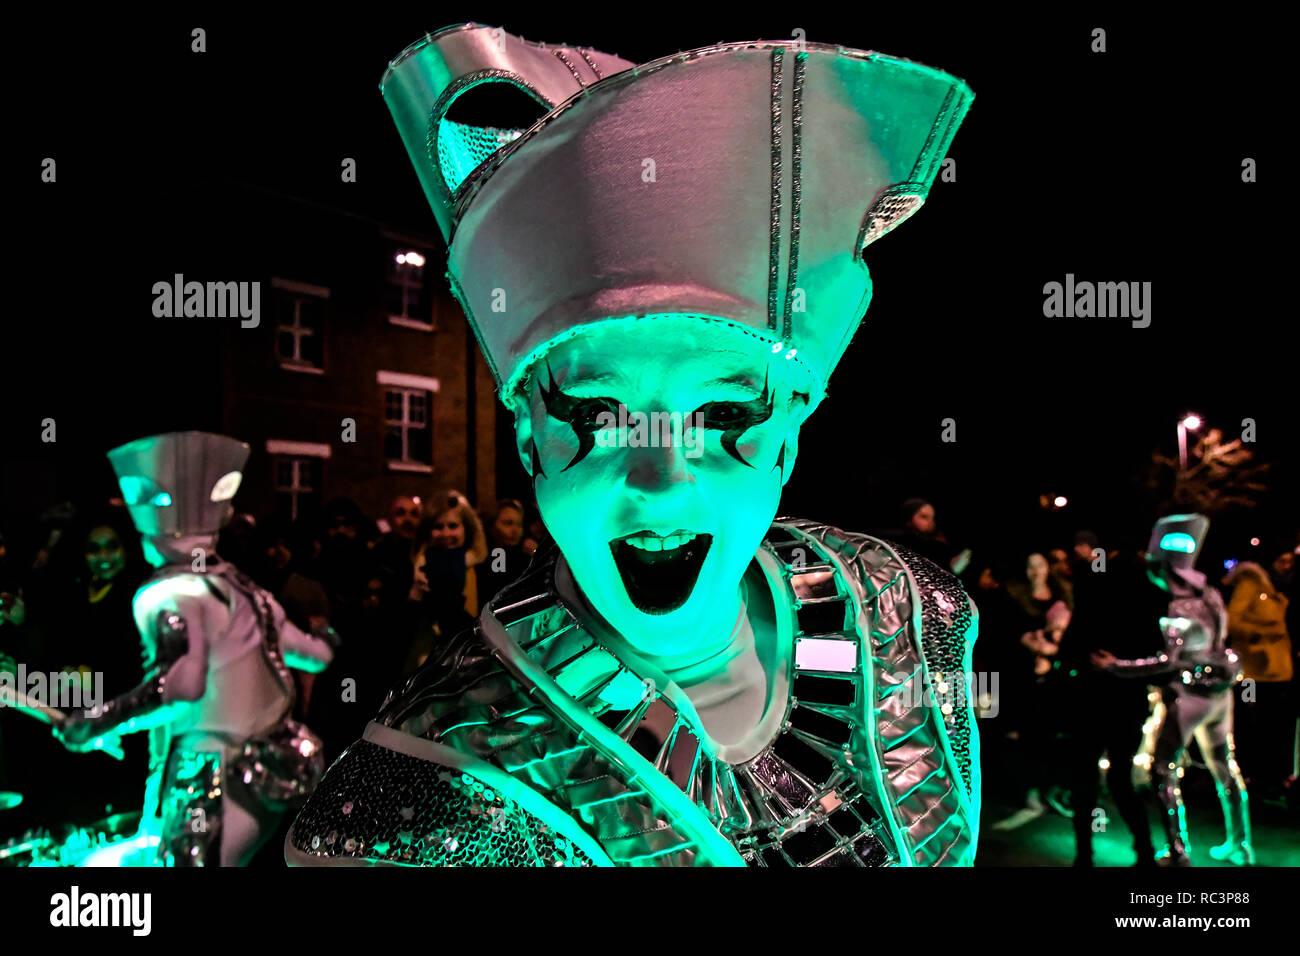 Londra, Regno Unito. Il 13 gennaio 2019. Comunità locale assiste 'Benvenuti alla foresta' con spettacolari paraders con un incredibile abito di luci, tamburi e splendide ballerine di samba a Forest Road, Walthamstow il 13 gennaio 2019, Londra, Regno Unito. Credito: Picture Capital/Alamy Live News Immagini Stock